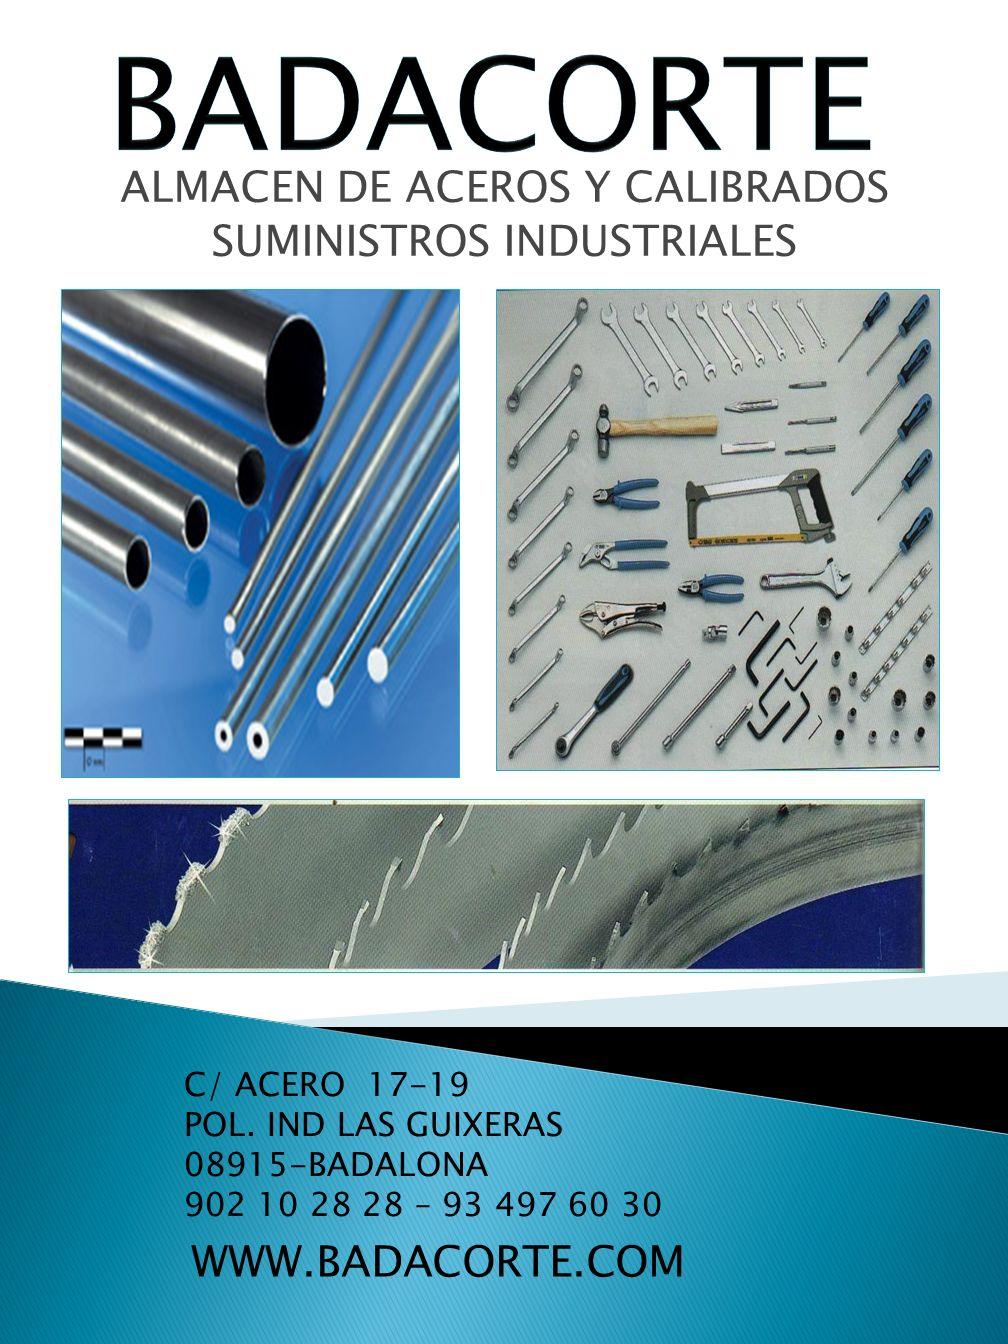 ALMACEN DE ACEROS Y CALIBRADOS SUMINISTROS INDUSTRIALES WWW.BADACORTE.COM C/ ACERO 17-19 POL. IND LAS GUIXERAS 08915-BADALONA 902 10 28 28 – 93 497 60